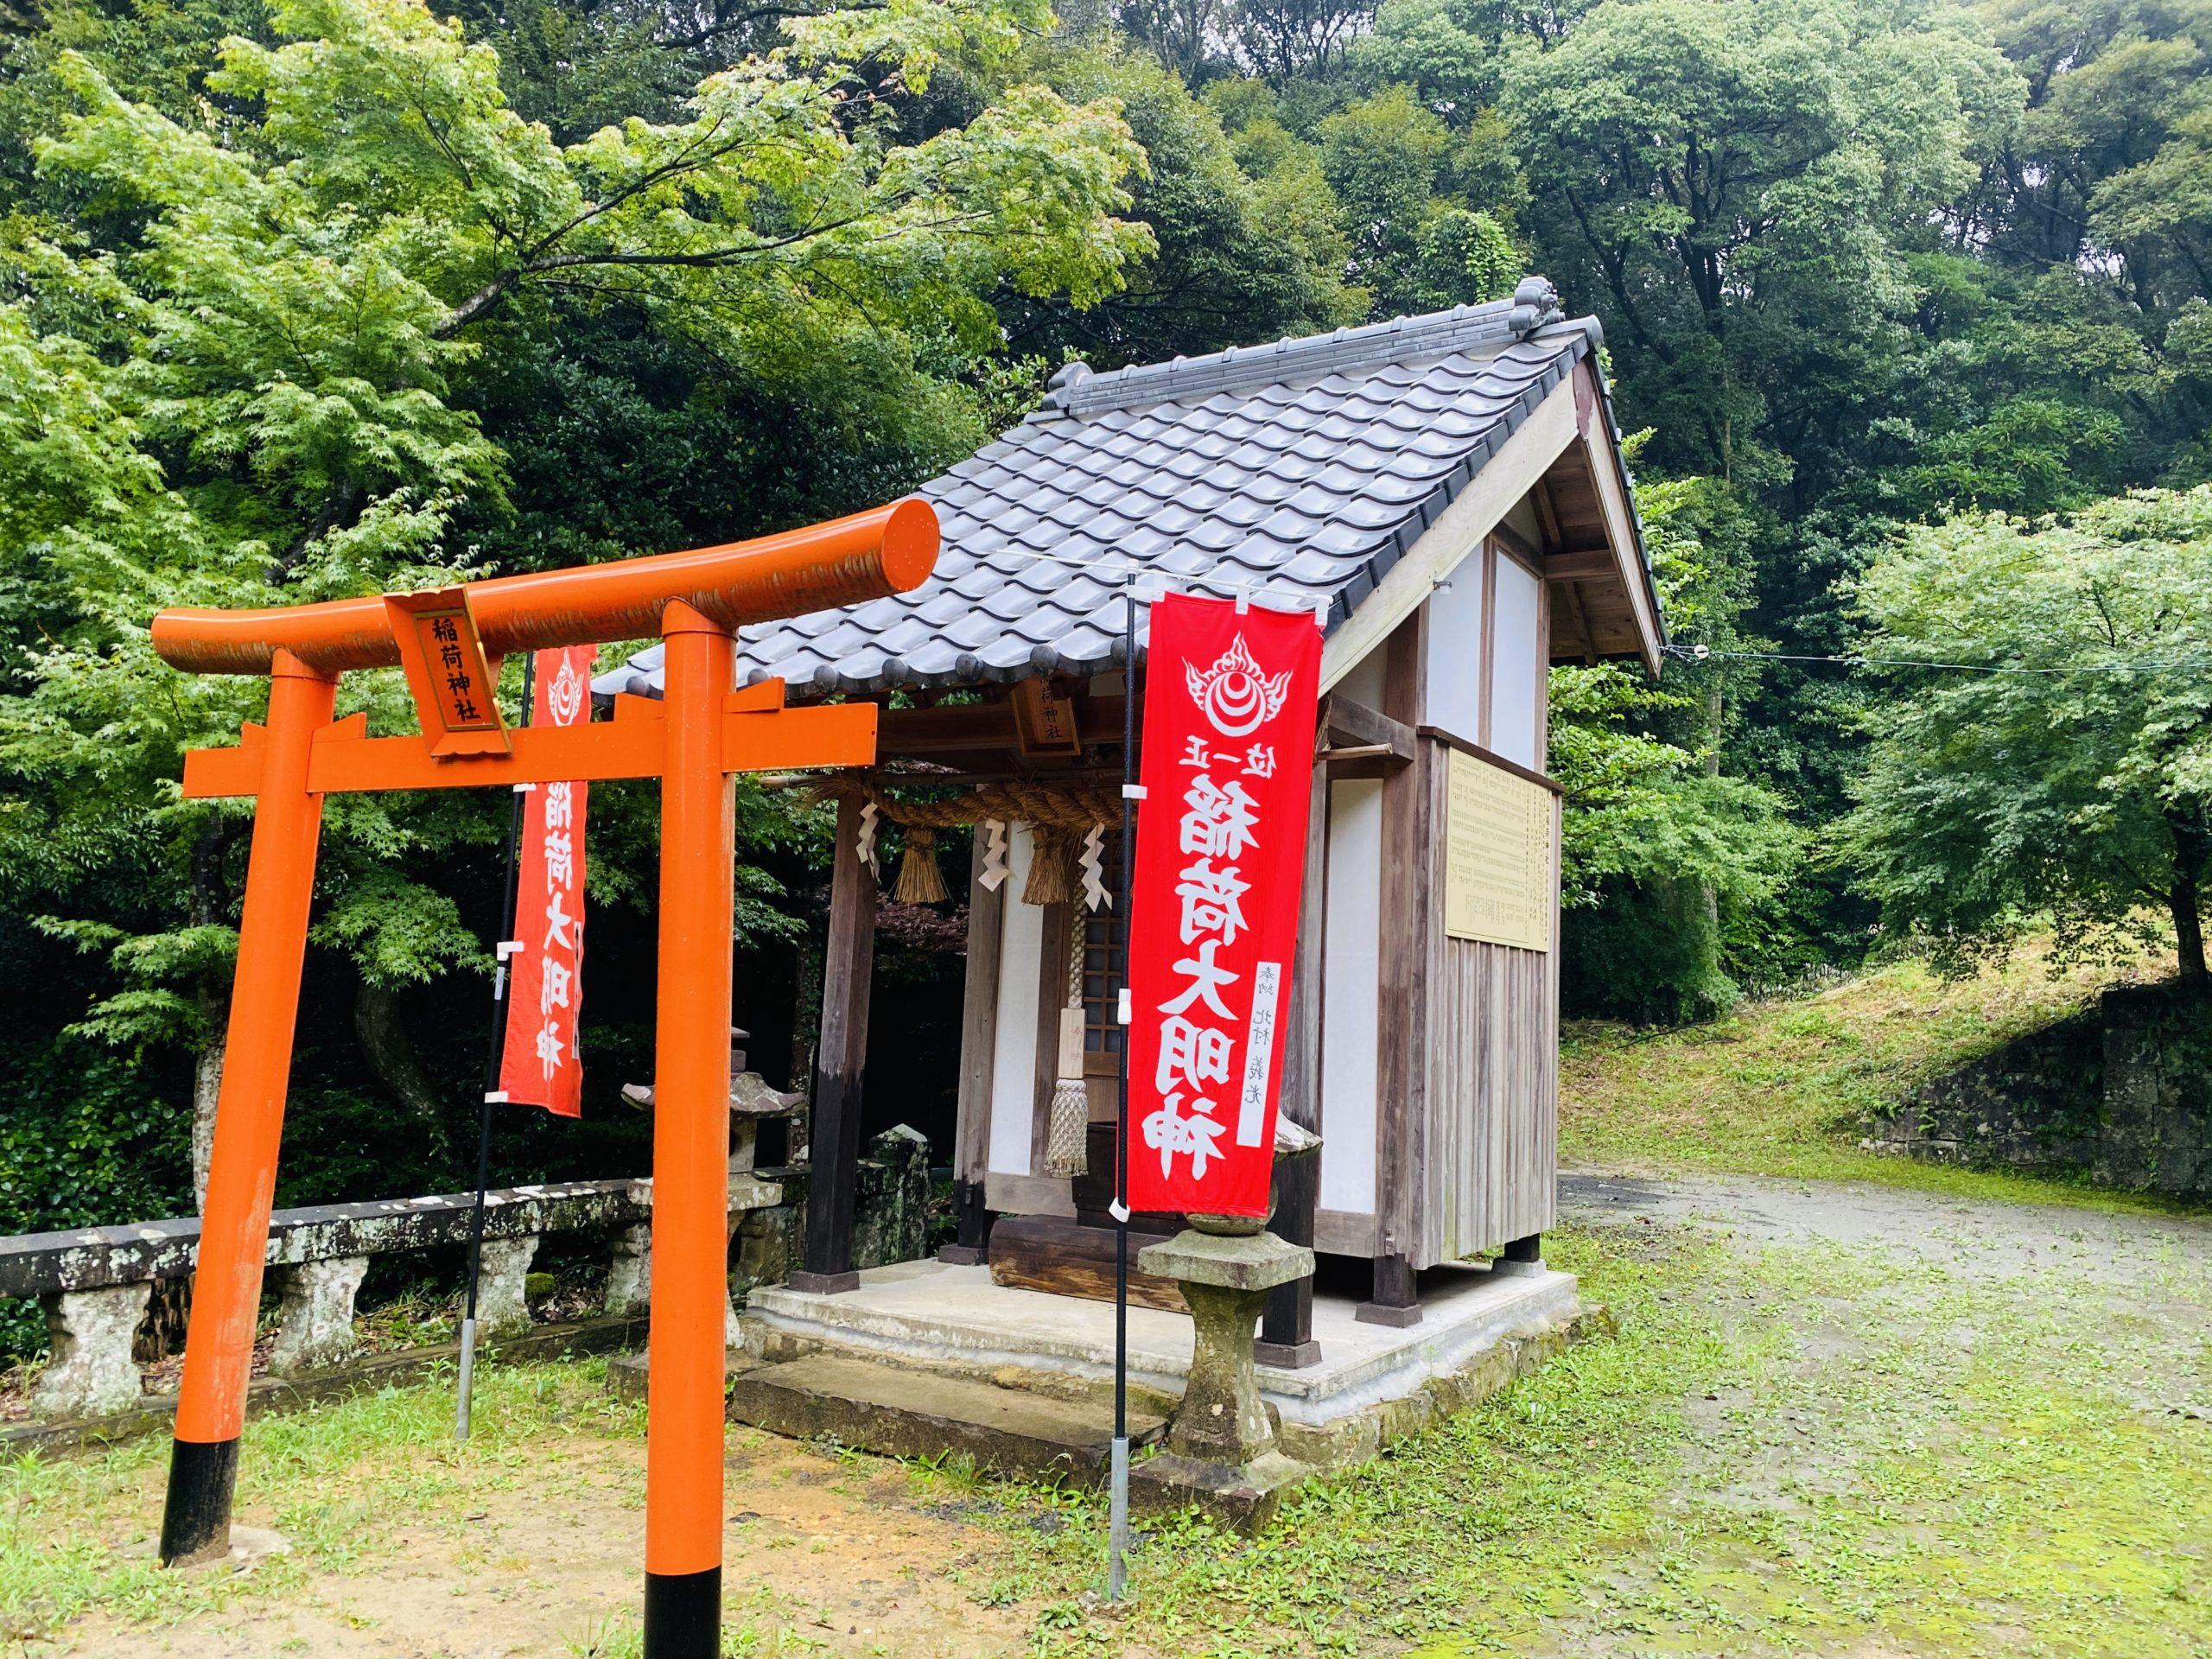 久山稲荷神社で商売繁盛祈願